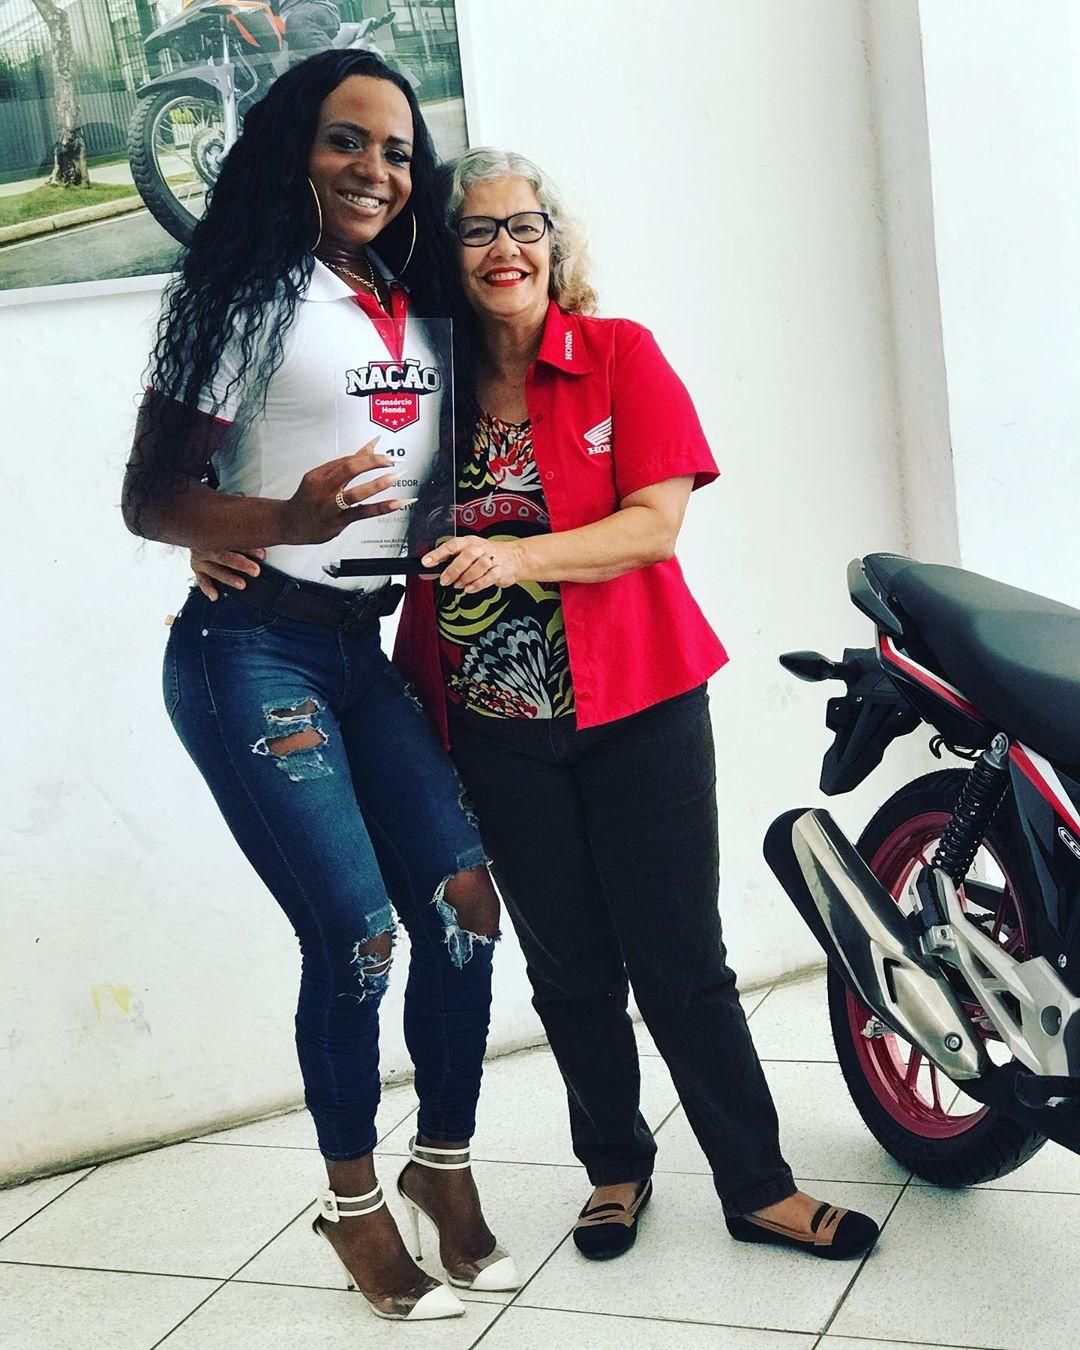 Mulher trans com prêmio Honda ao lado de funcionária